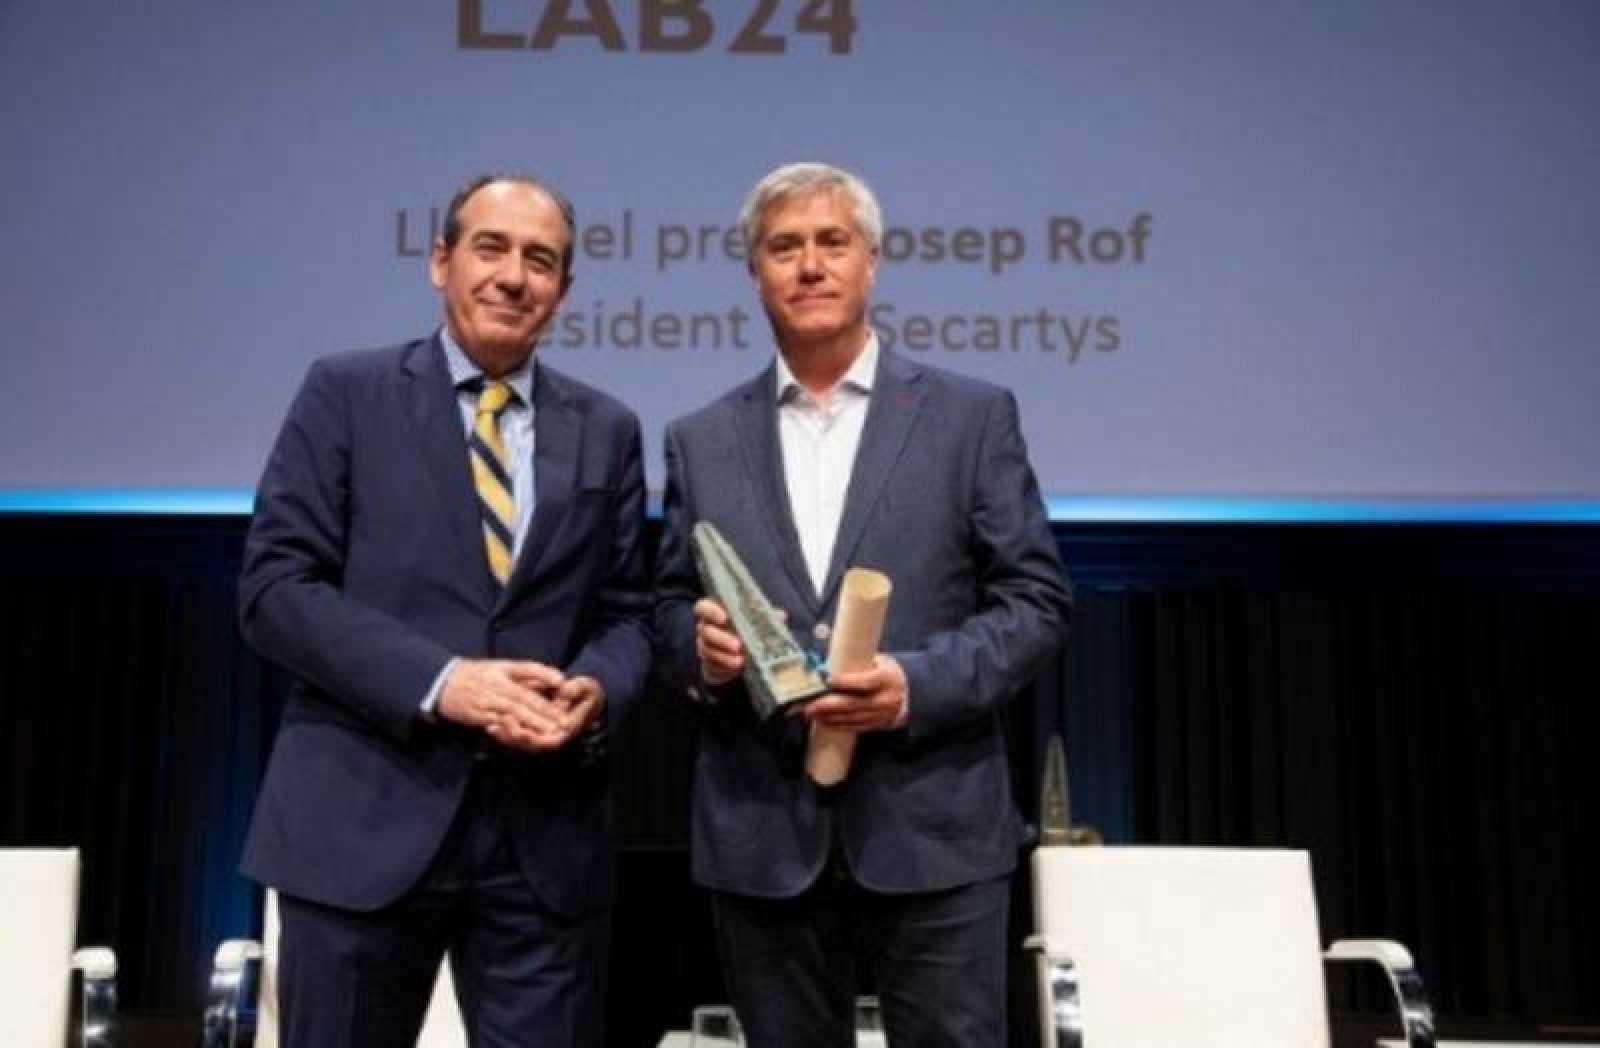 Pere Buhigas recoge el XIX Premio Conexió para el programa 'Lab24'